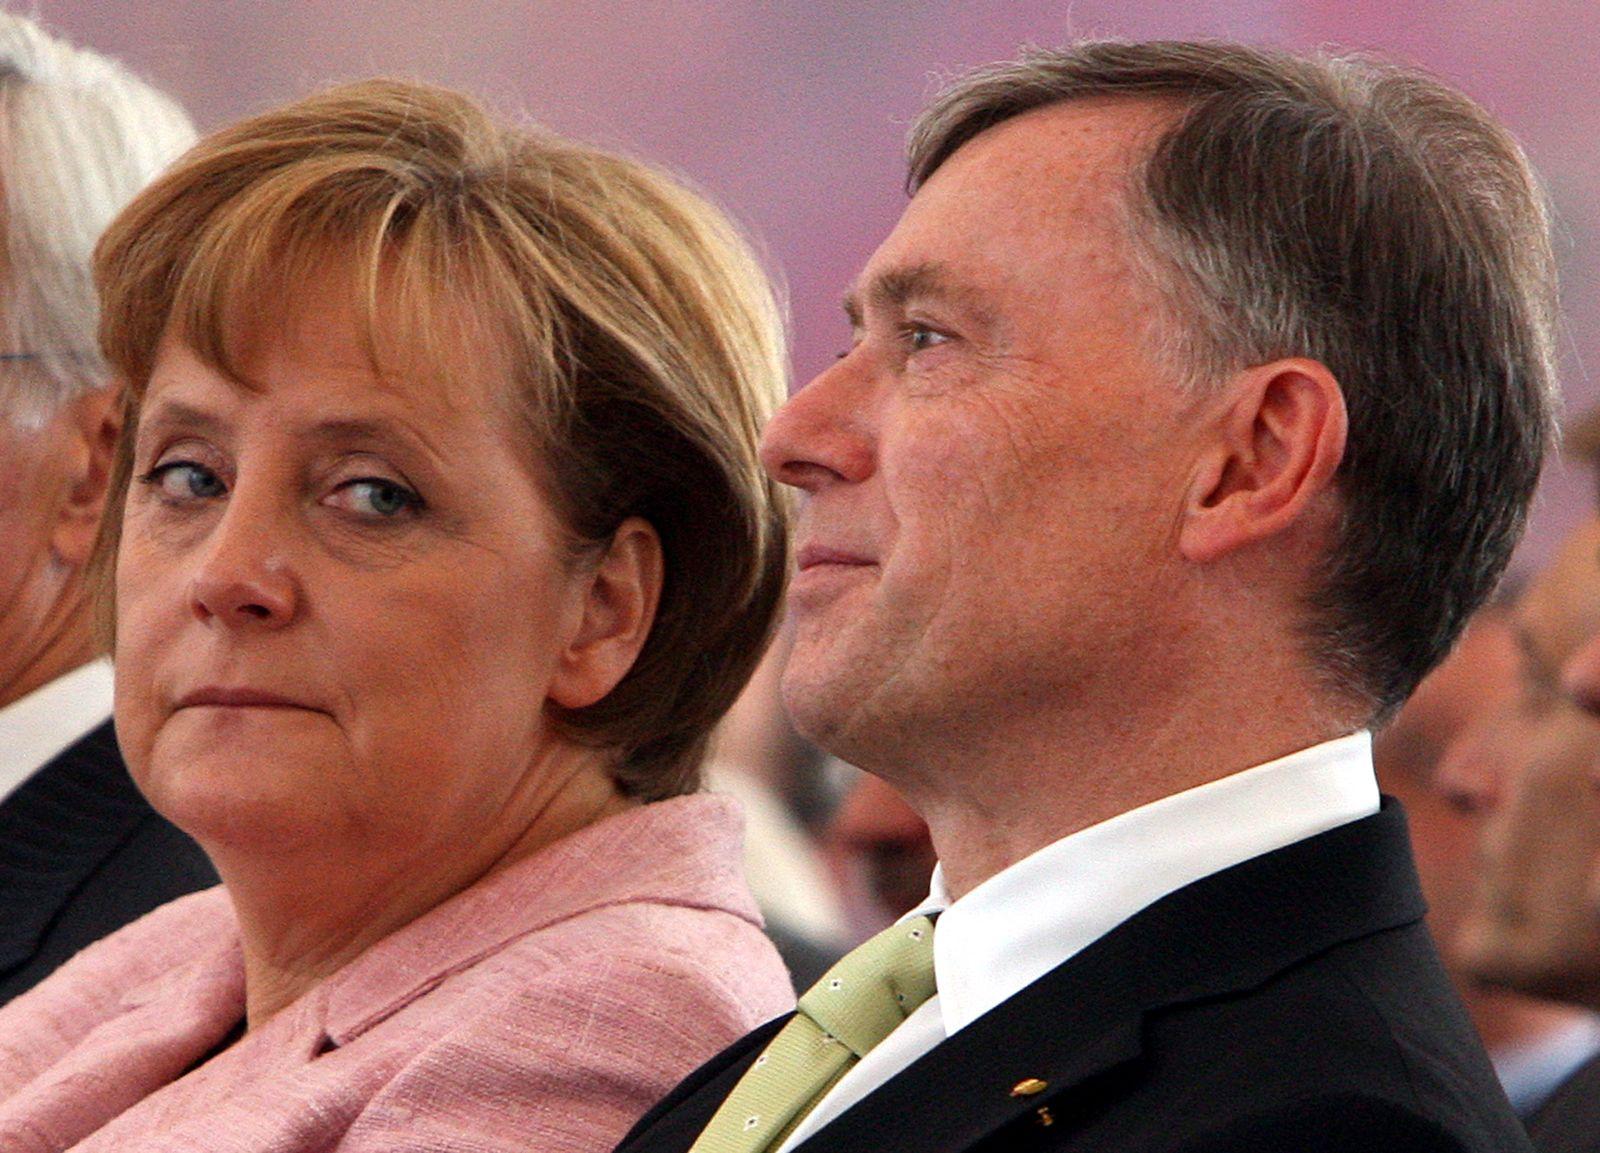 NICHT VERWENDEN Bundespraesident Koehler tritt zurueck